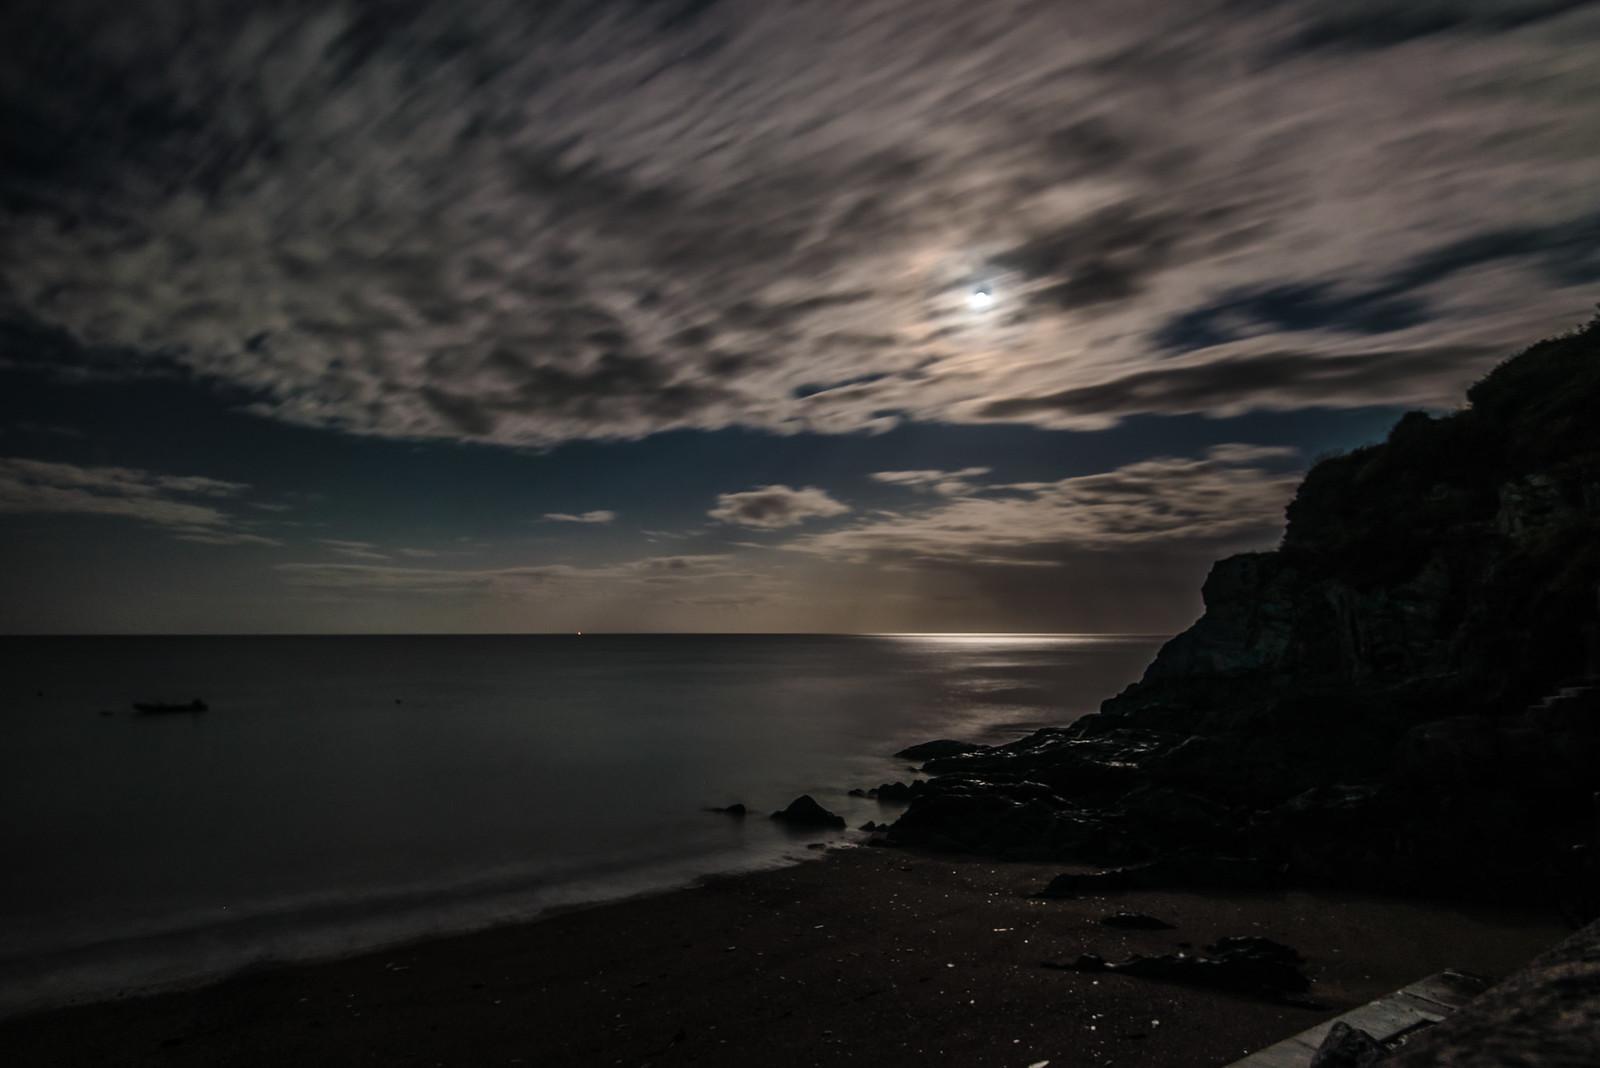 Torcross bei Nacht